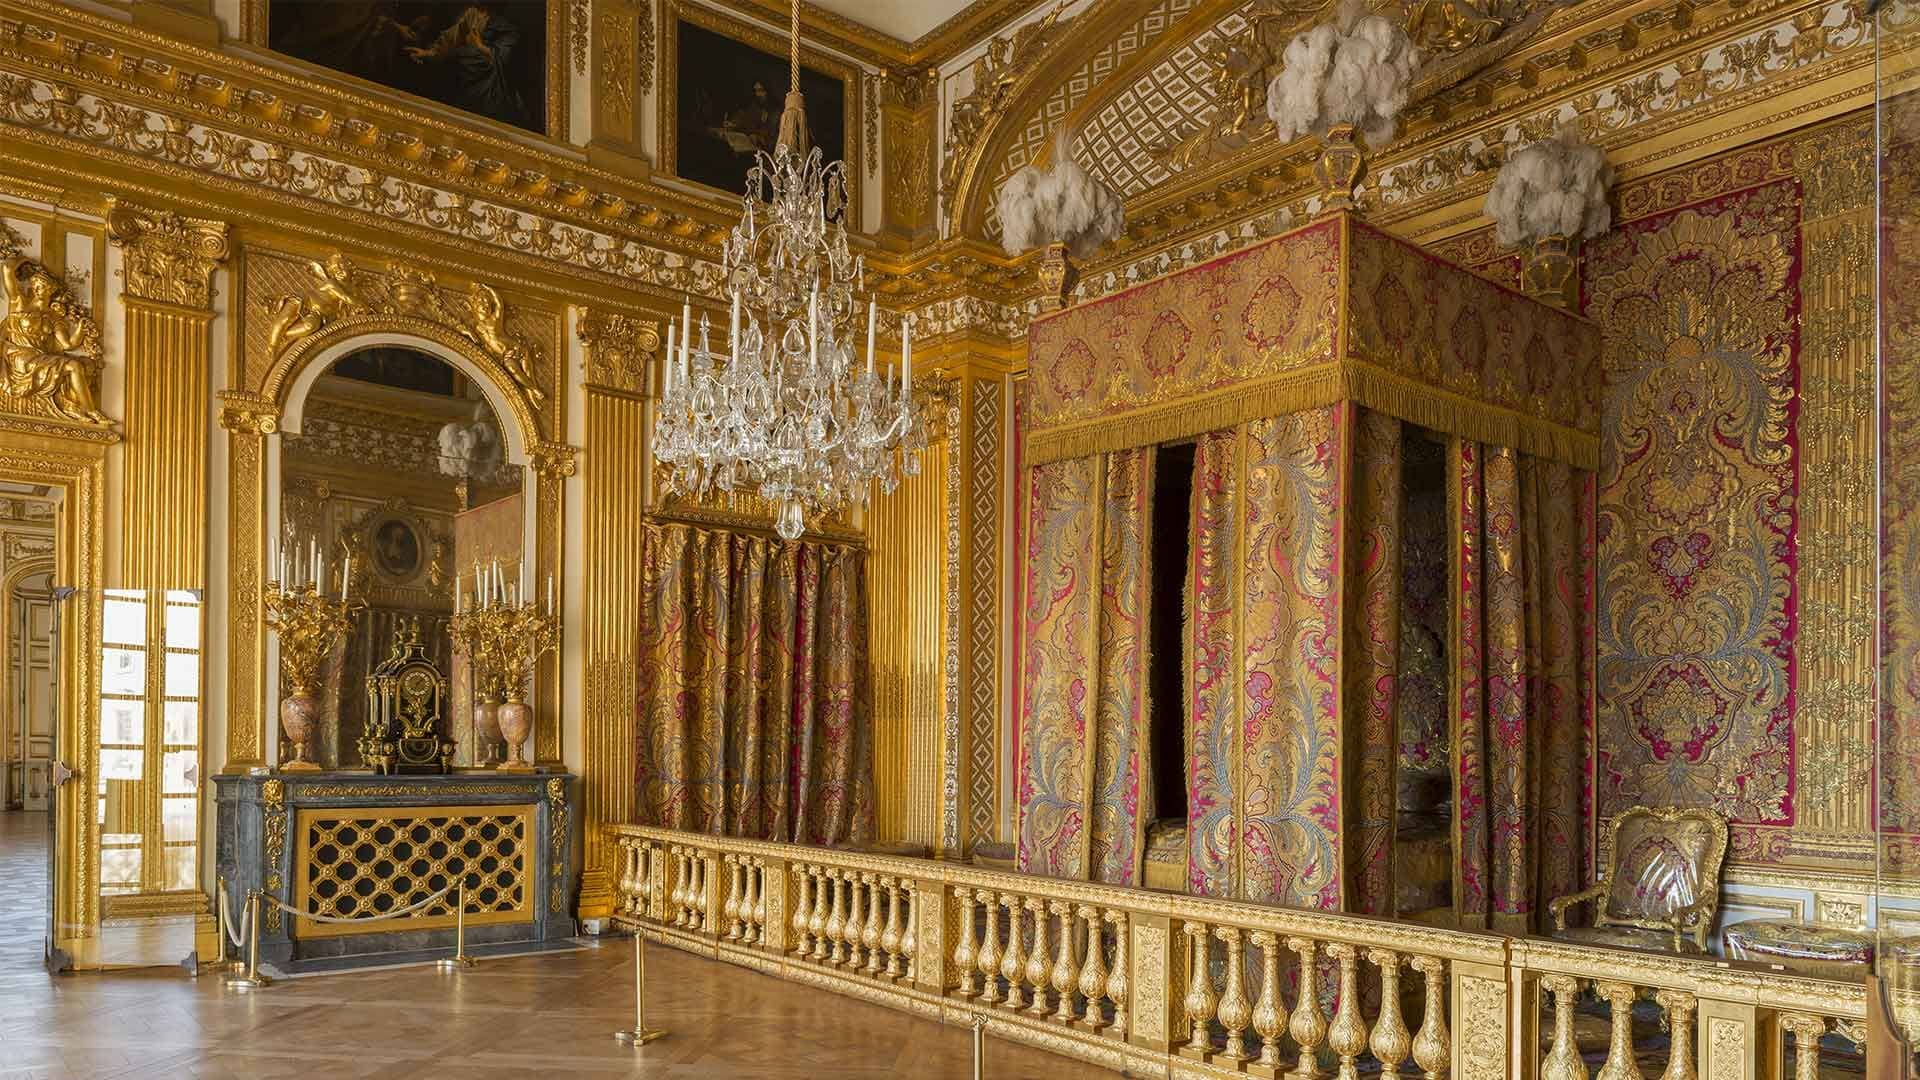 No Quarto do Rei, a cama é como um palco, separada do resto do ambiente por uma divisória dourada. Lá, toda manhã, o monarca era despido, lavado, barbeado e vestido publicamente, na presença dos cortesãos mais chegados.